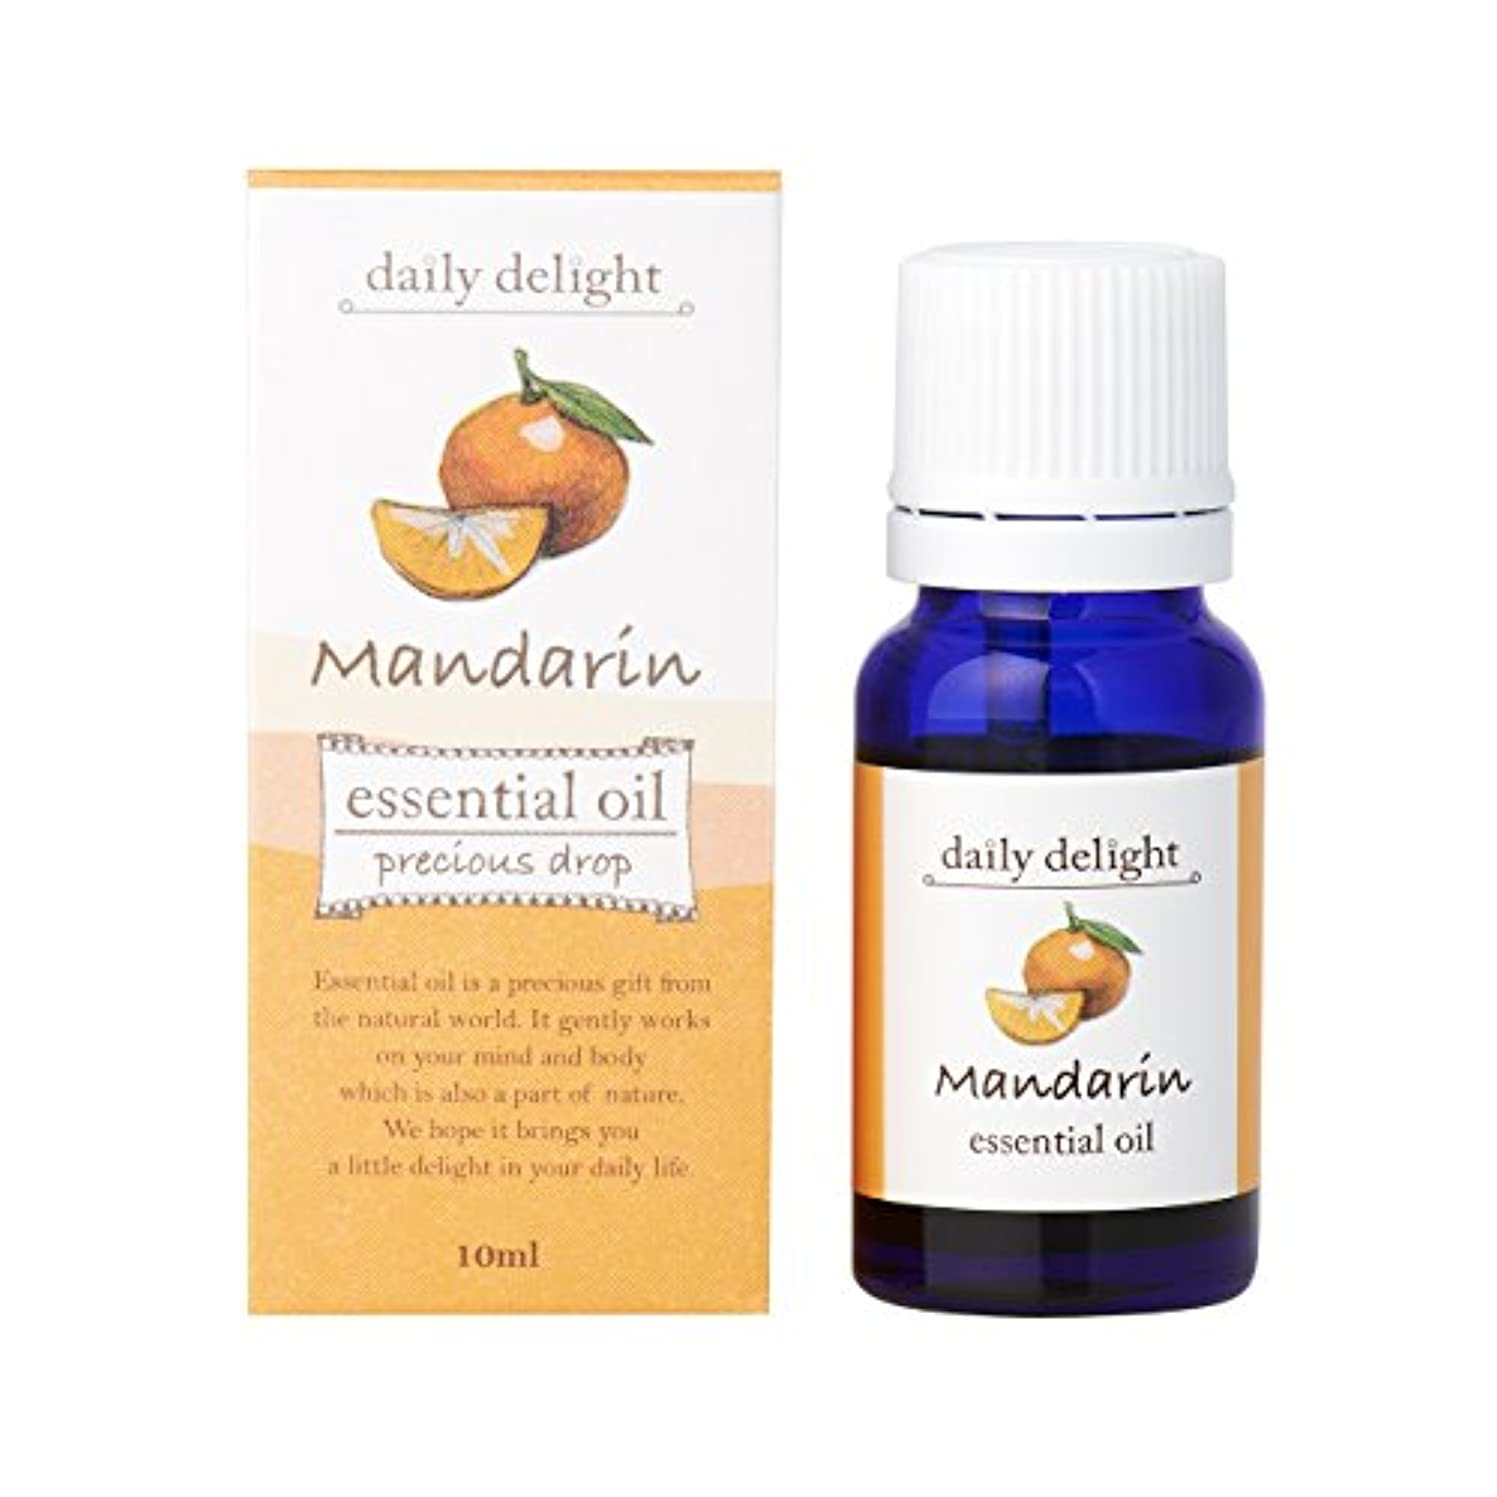 格納抑制立法デイリーディライト エッセンシャルオイル  マンダリン 10ml(天然100% 精油 アロマ 柑橘系 オレンジに似ているがより穏やかで落ち着いた印象の香り)